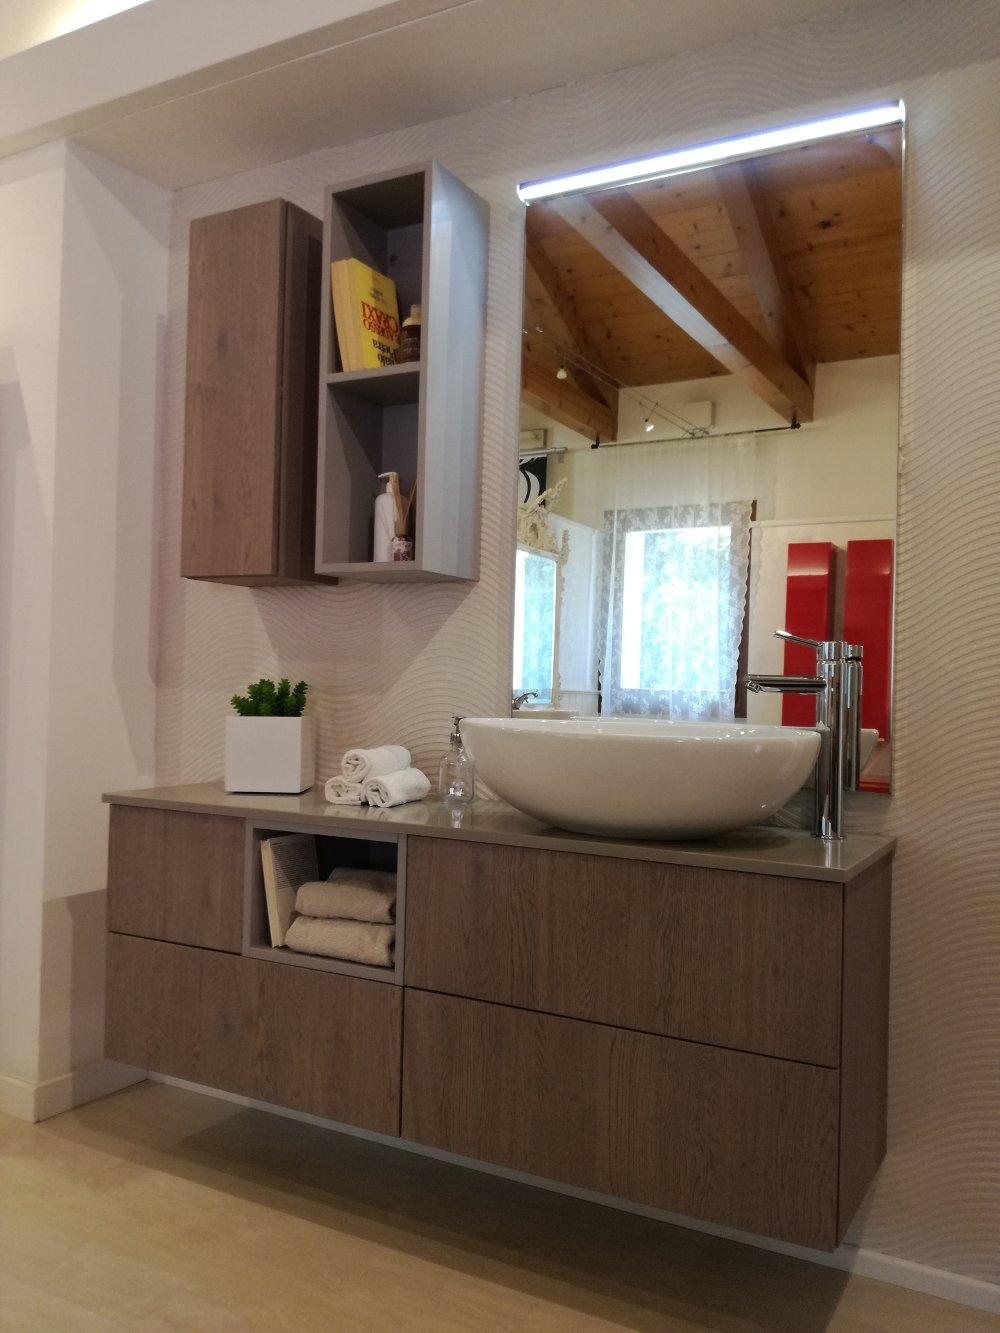 Bagno moderno kondor effetto legno - Bagno effetto legno ...